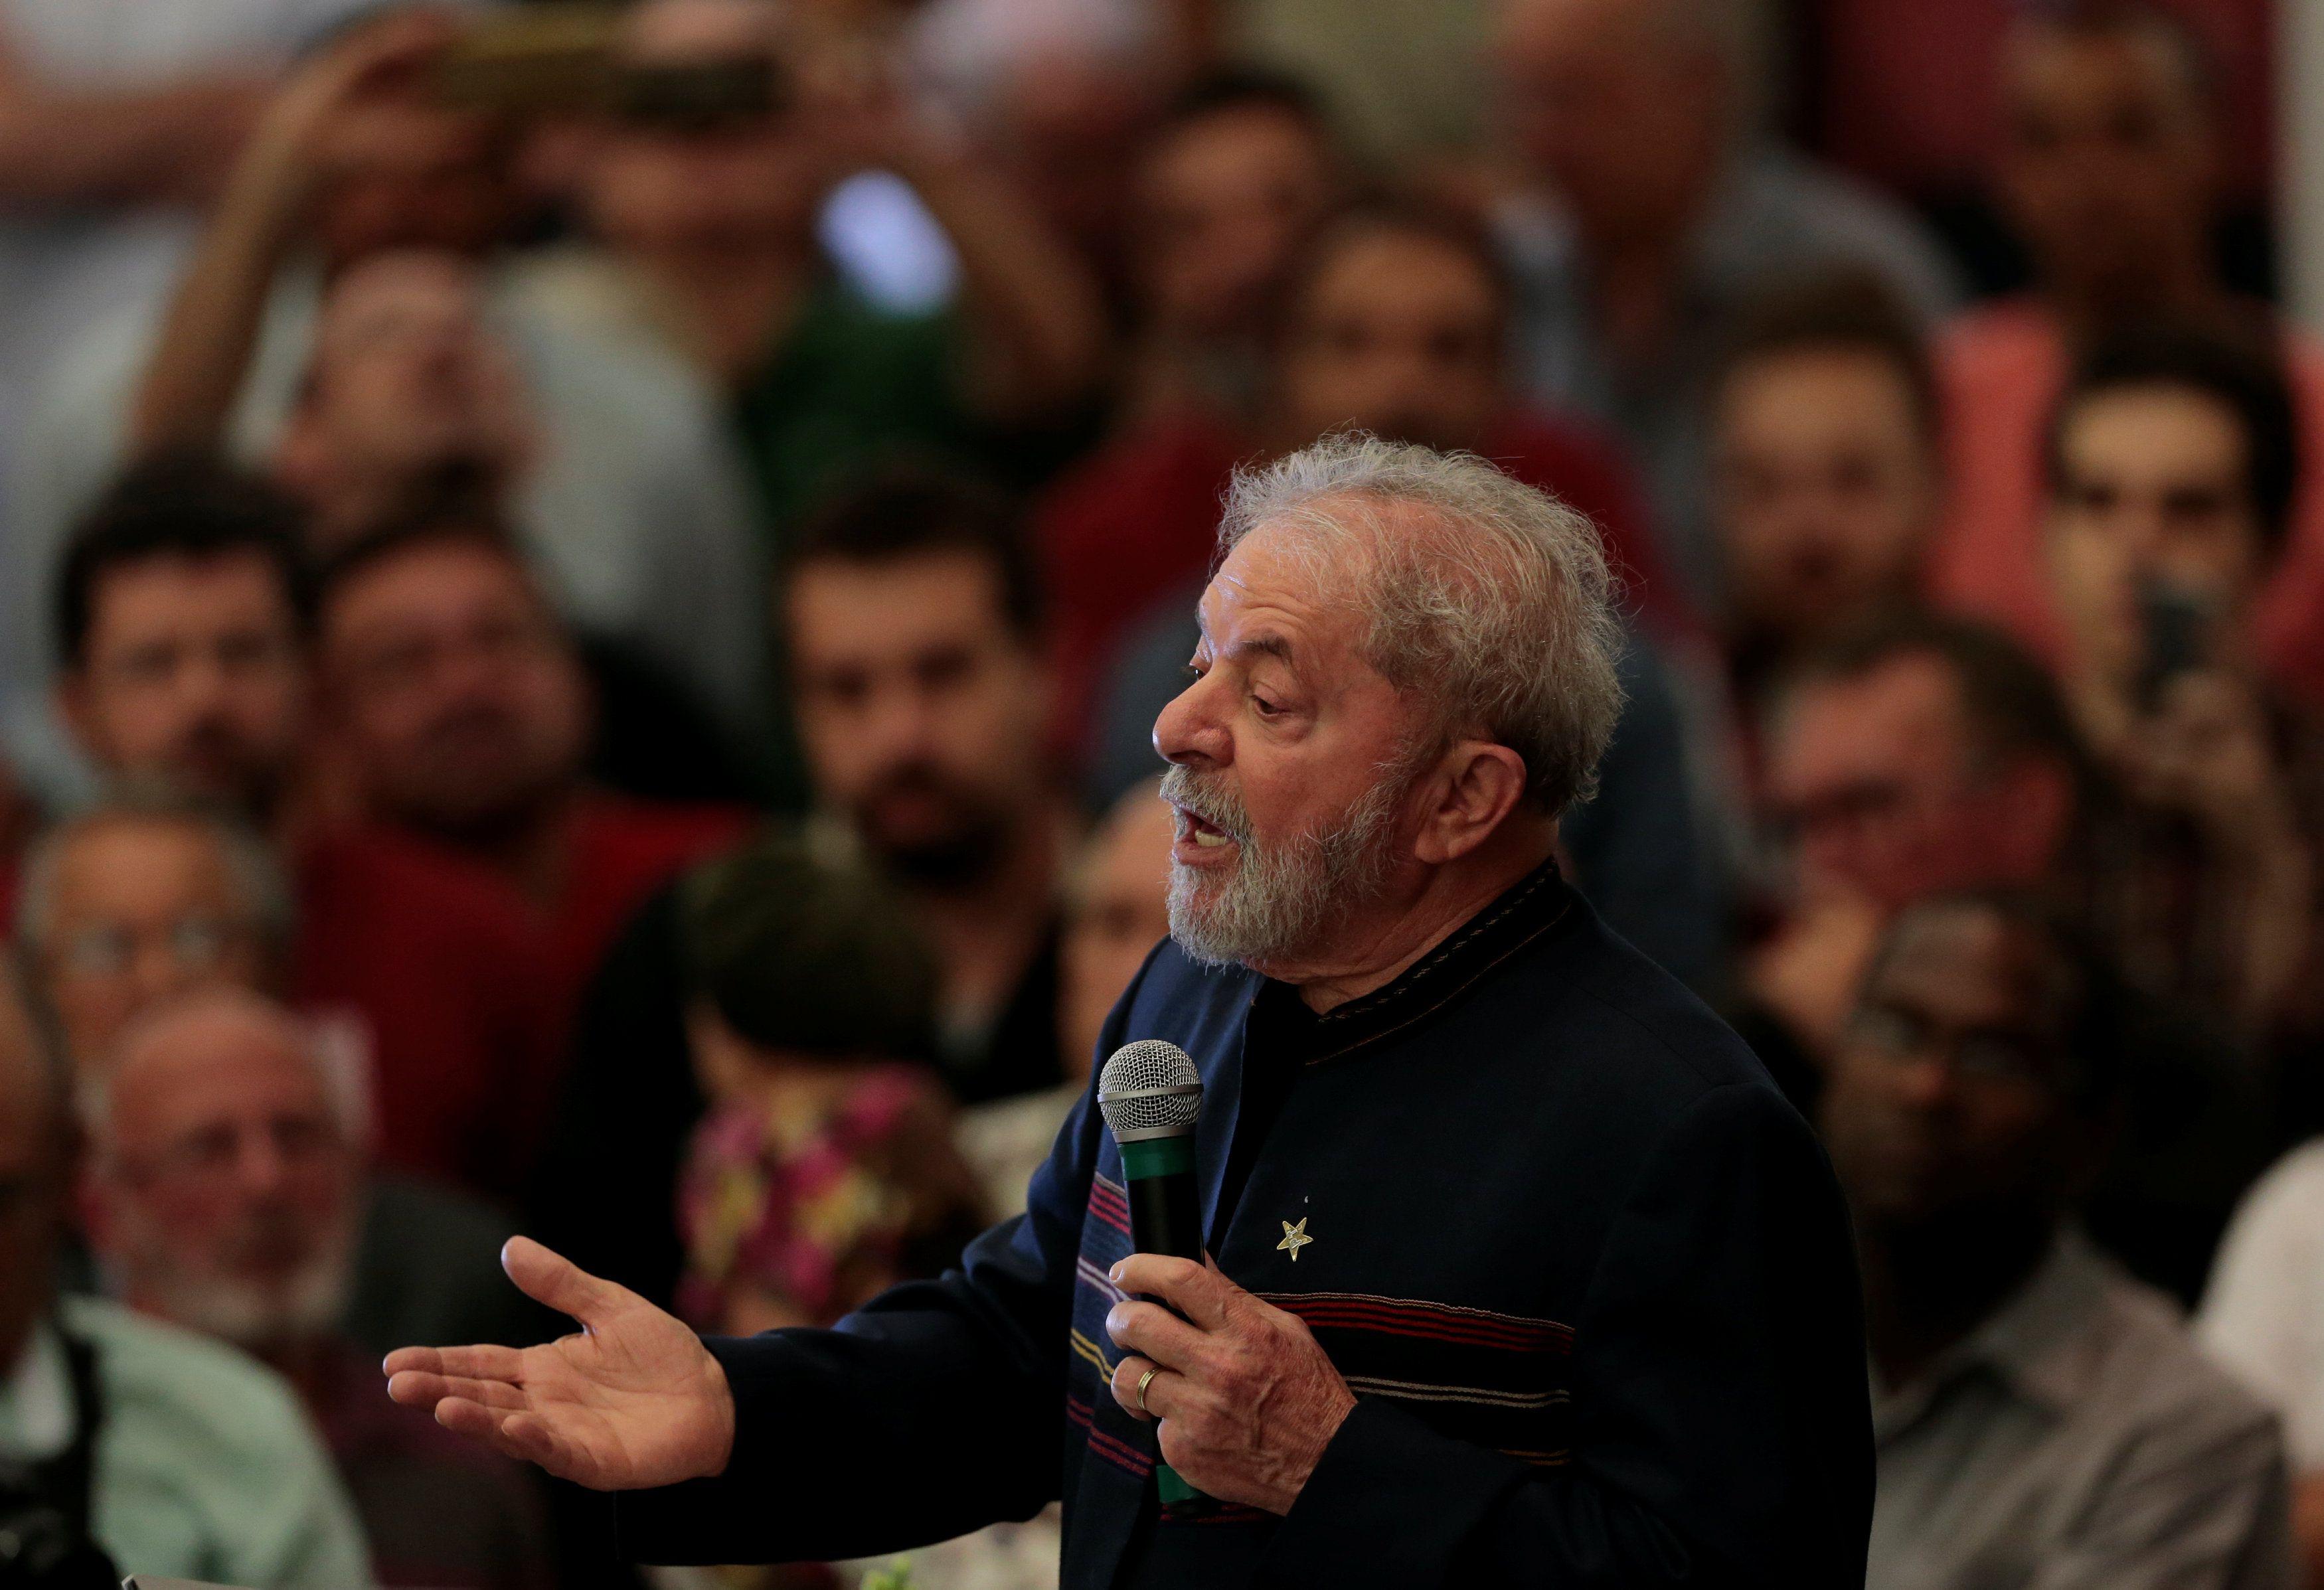 Para PT, prioridade é financiar campanha de Lula